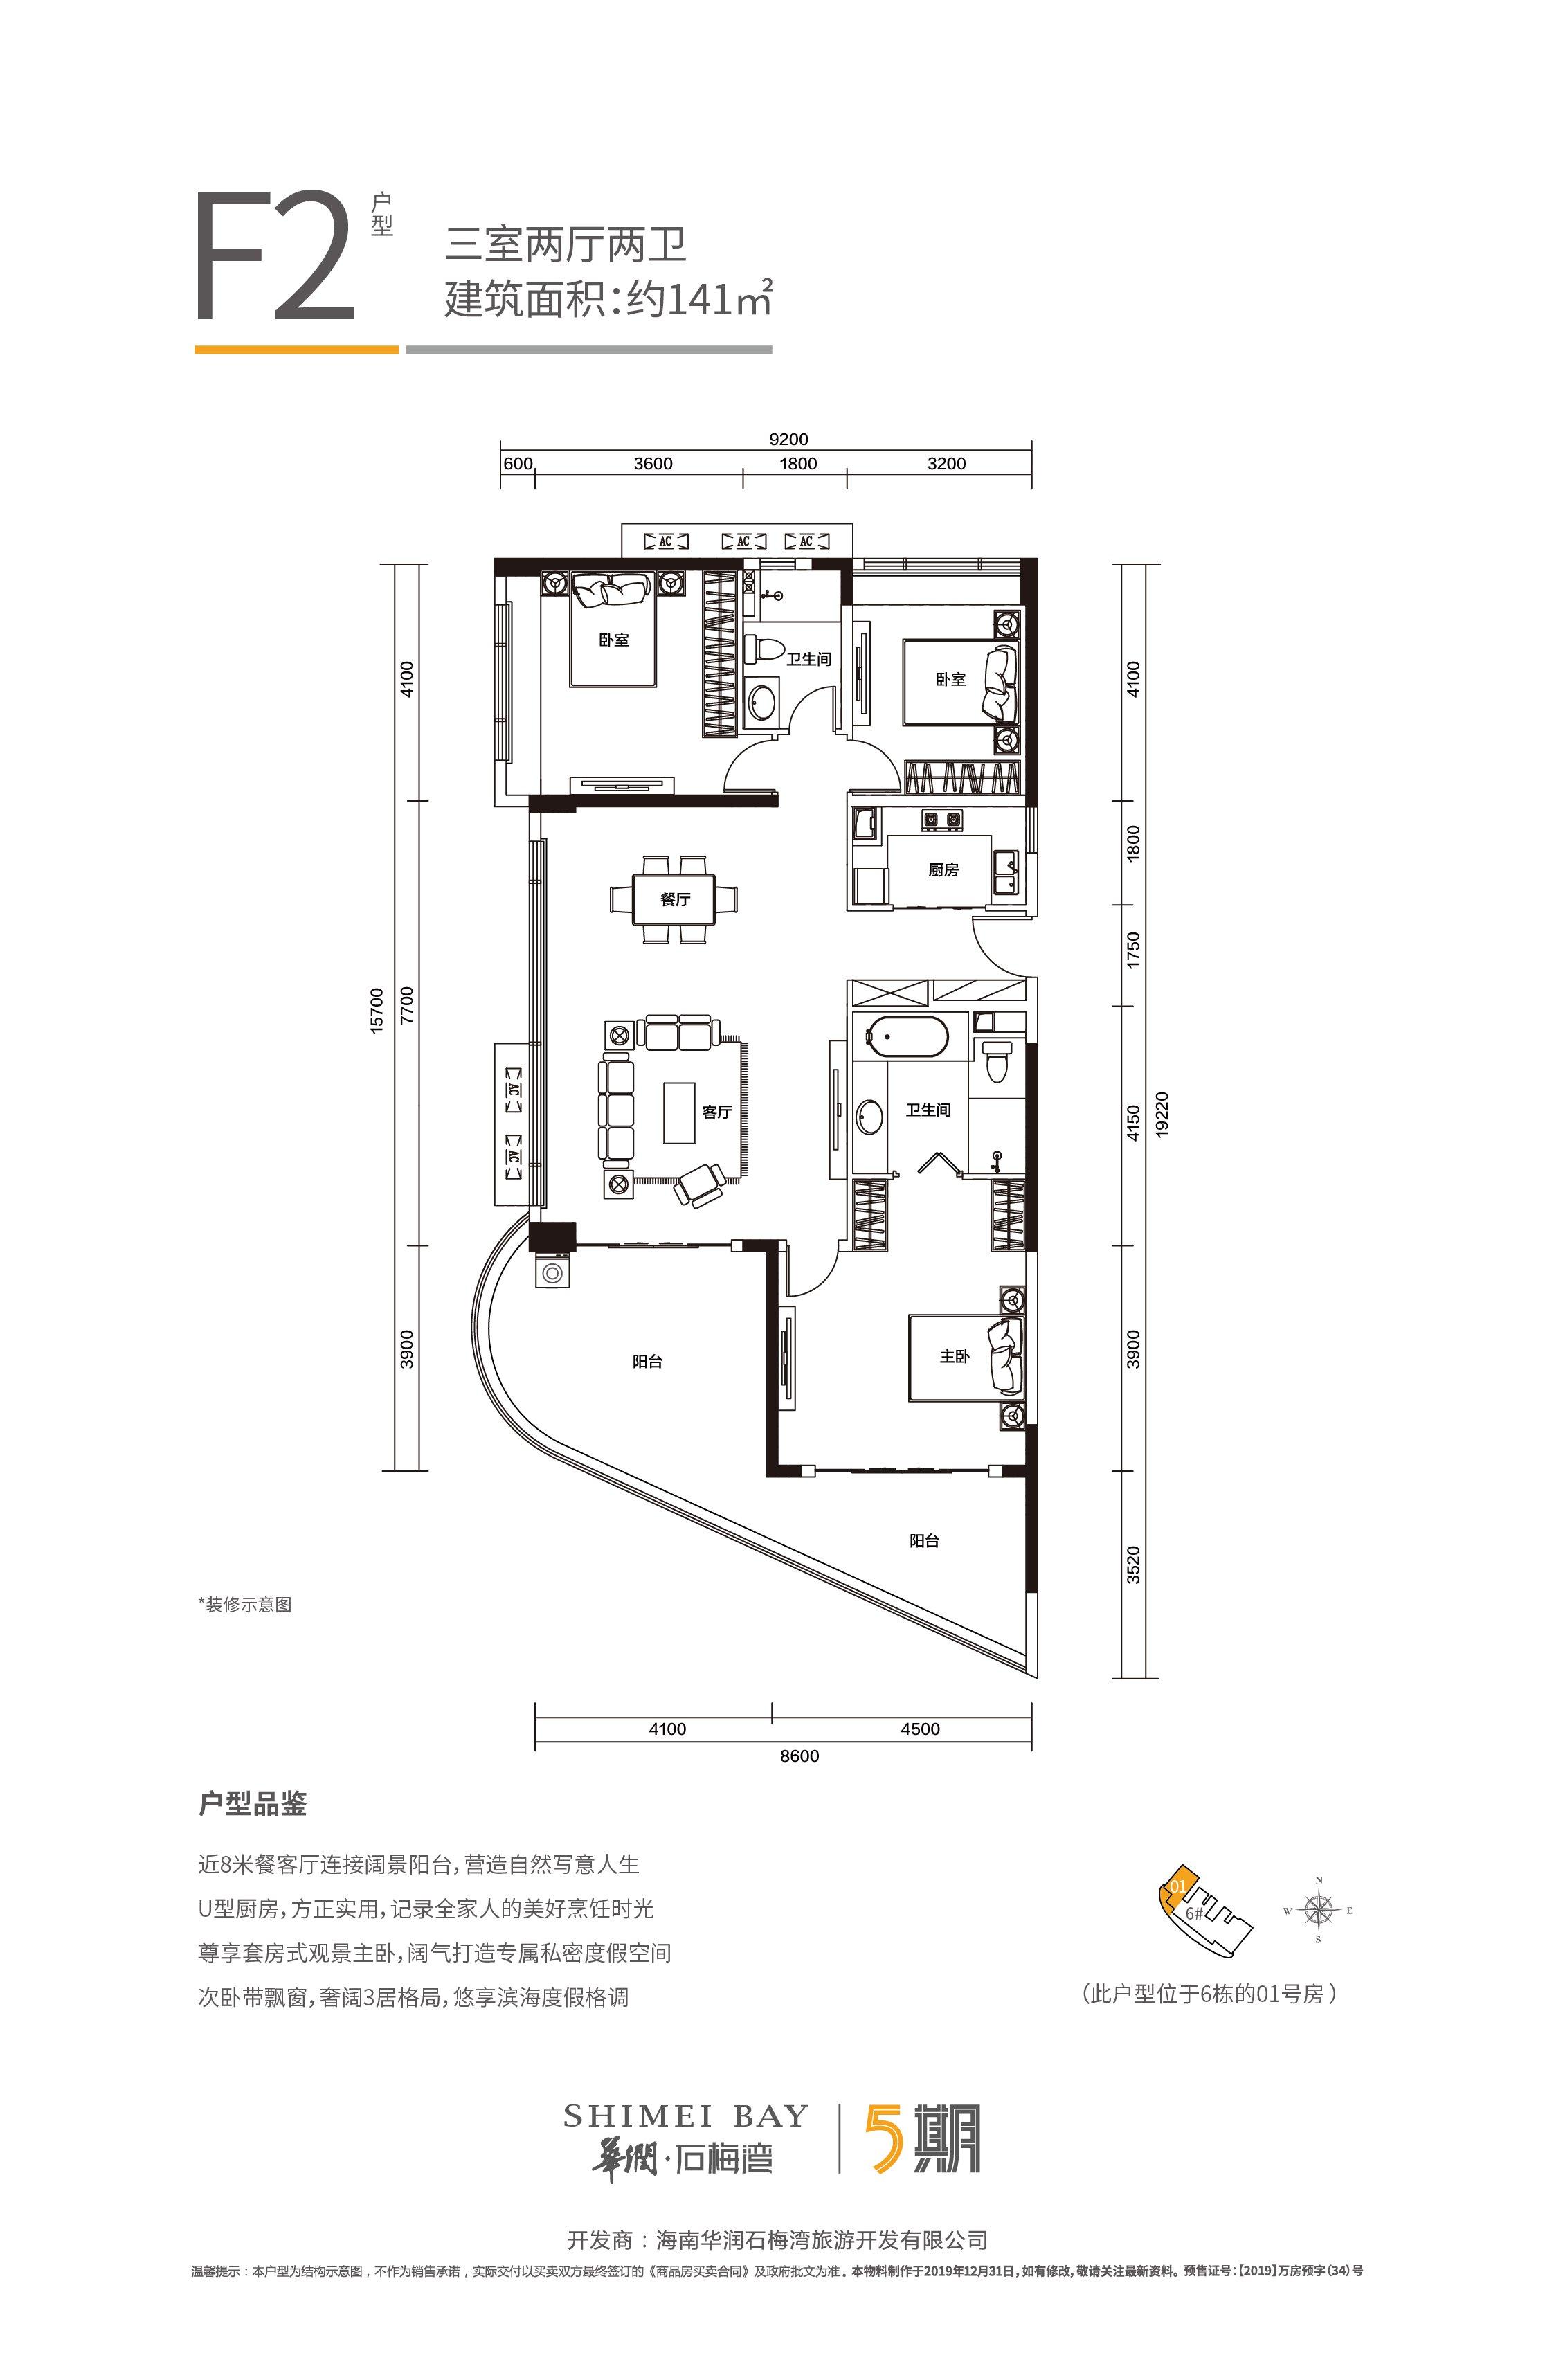 華潤石梅灣九里3室2廳2衛